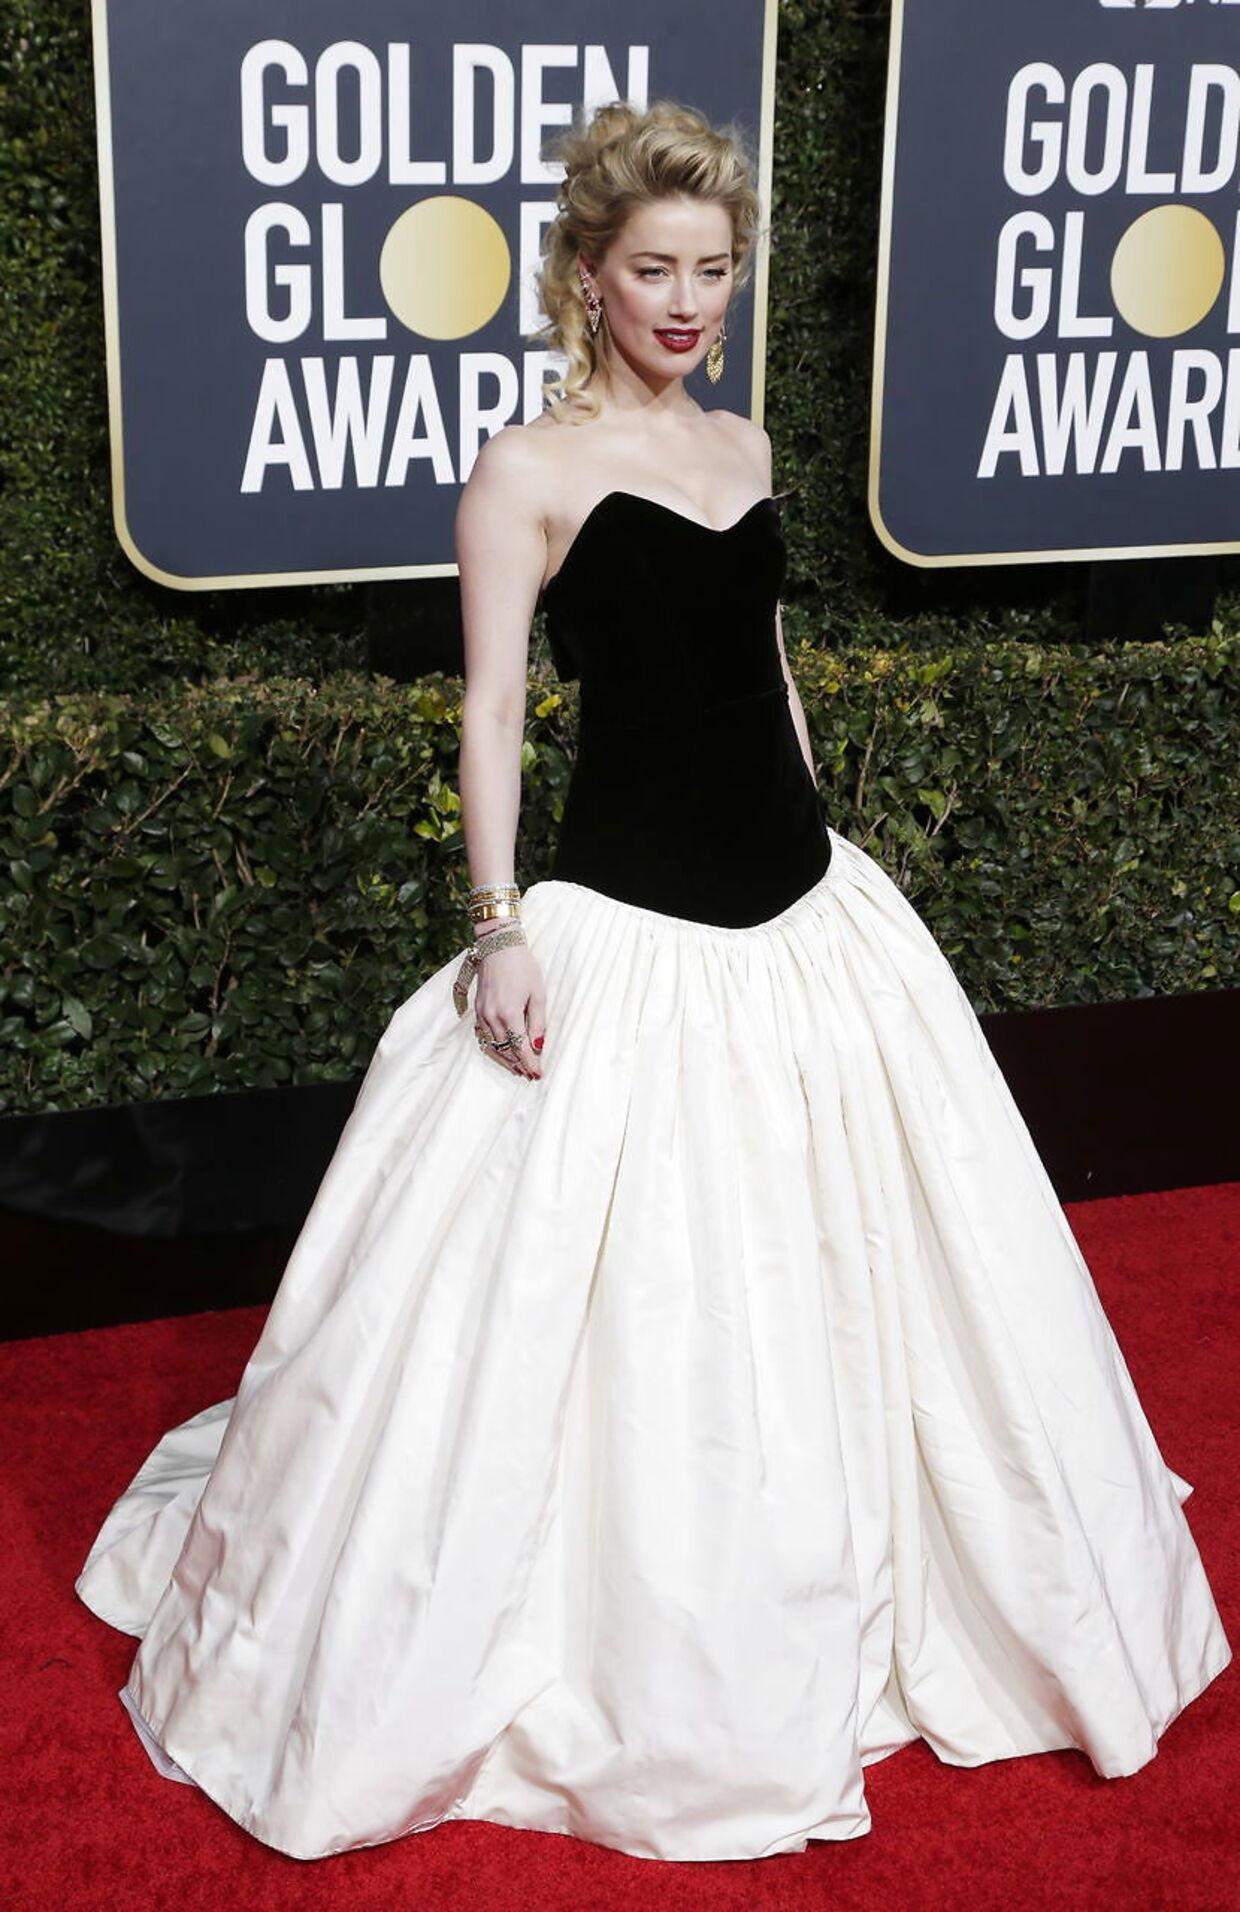 Amber heard, som udover sin filmkarriere, også er meget kendt for at gennemgå en tumtult og offentlig skilsmisse fra Johnny Depp, så flot ud i en sort og hvis kjole. EPA/MIKE NELSON